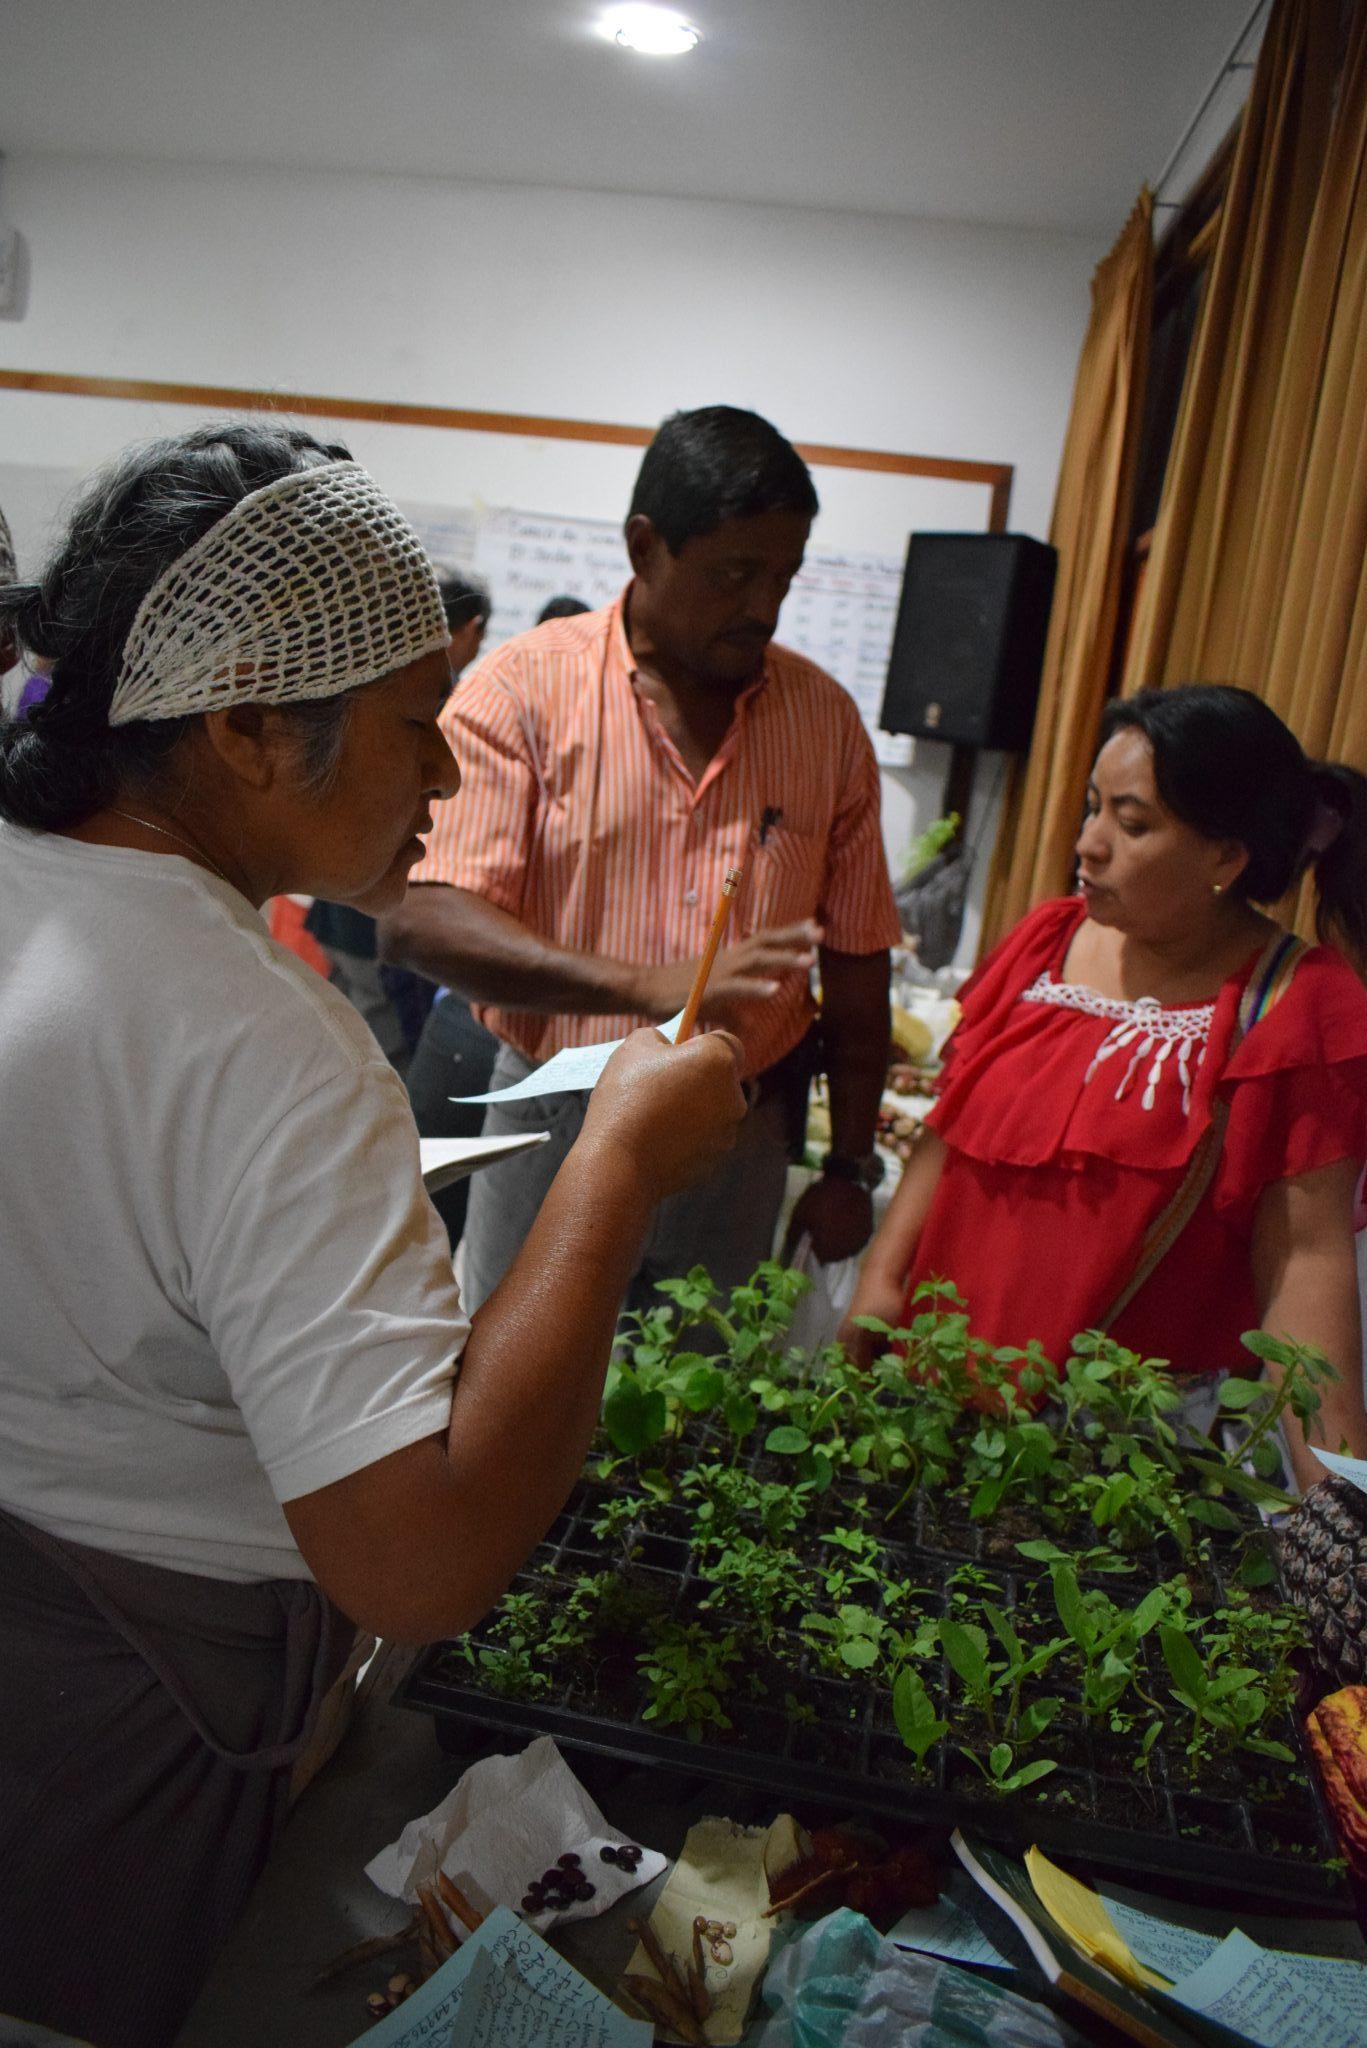 intercambio de semillas III